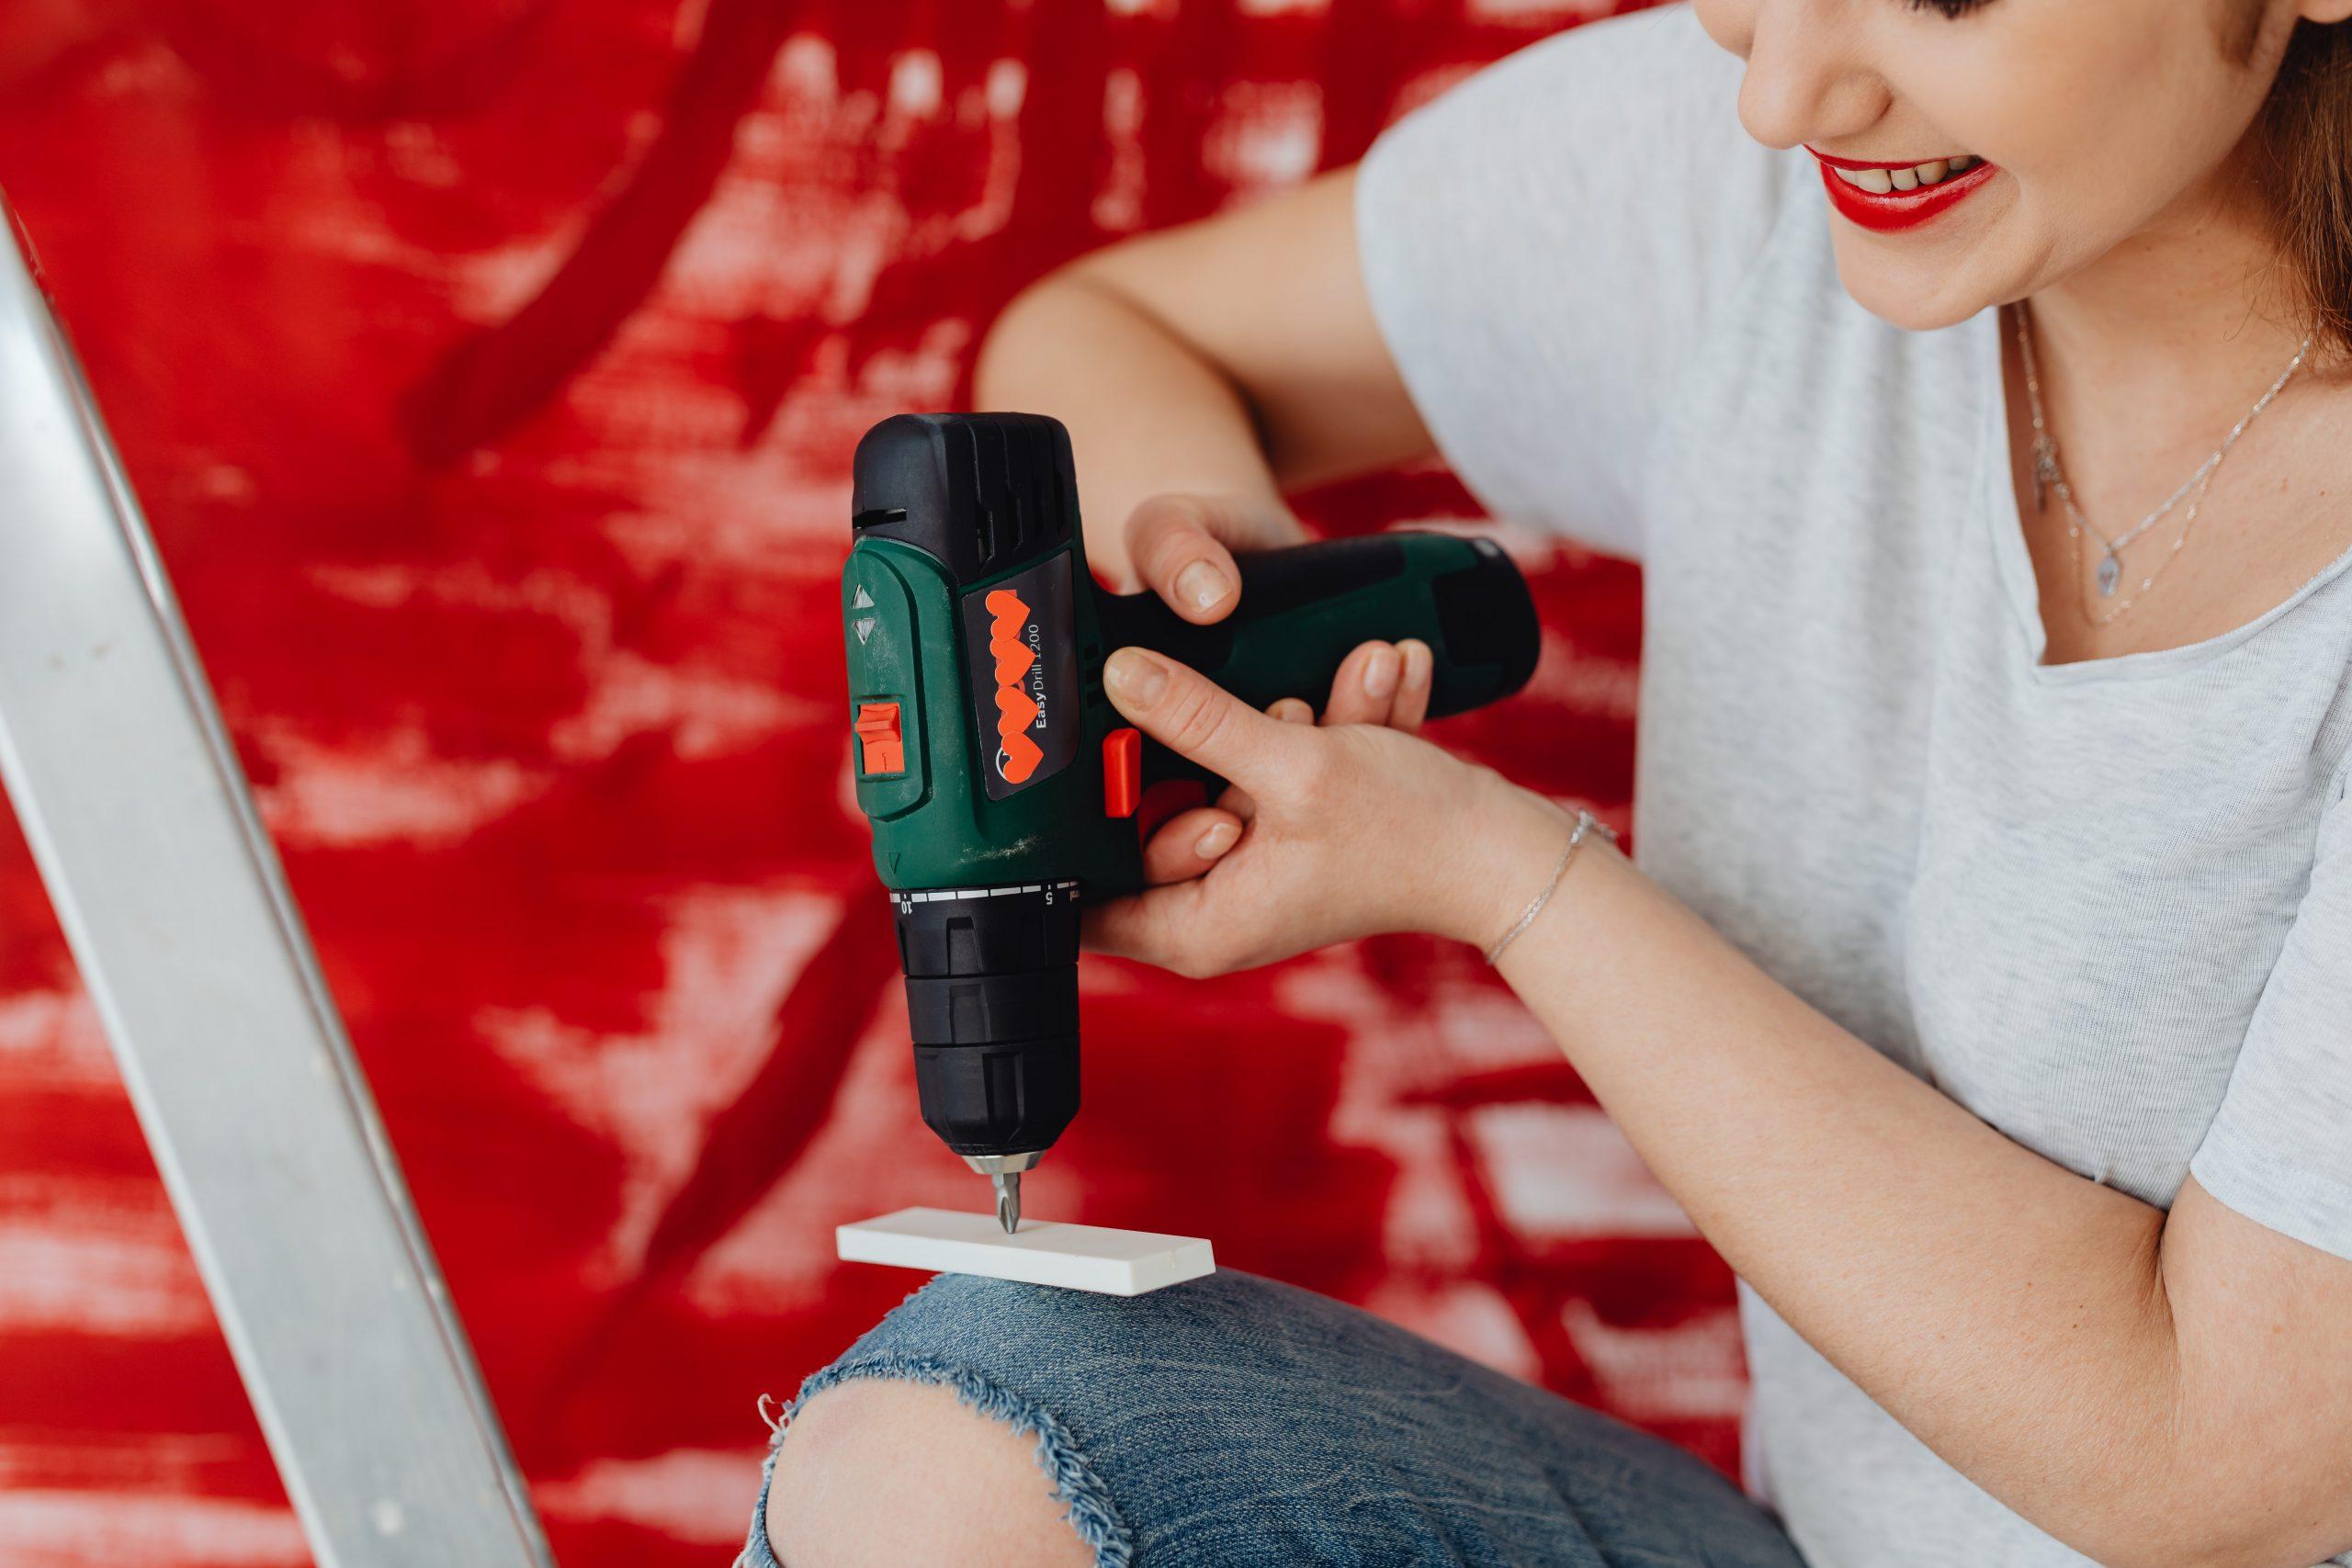 Imagem mostra uma mulher usando uma furadeira Bosch.